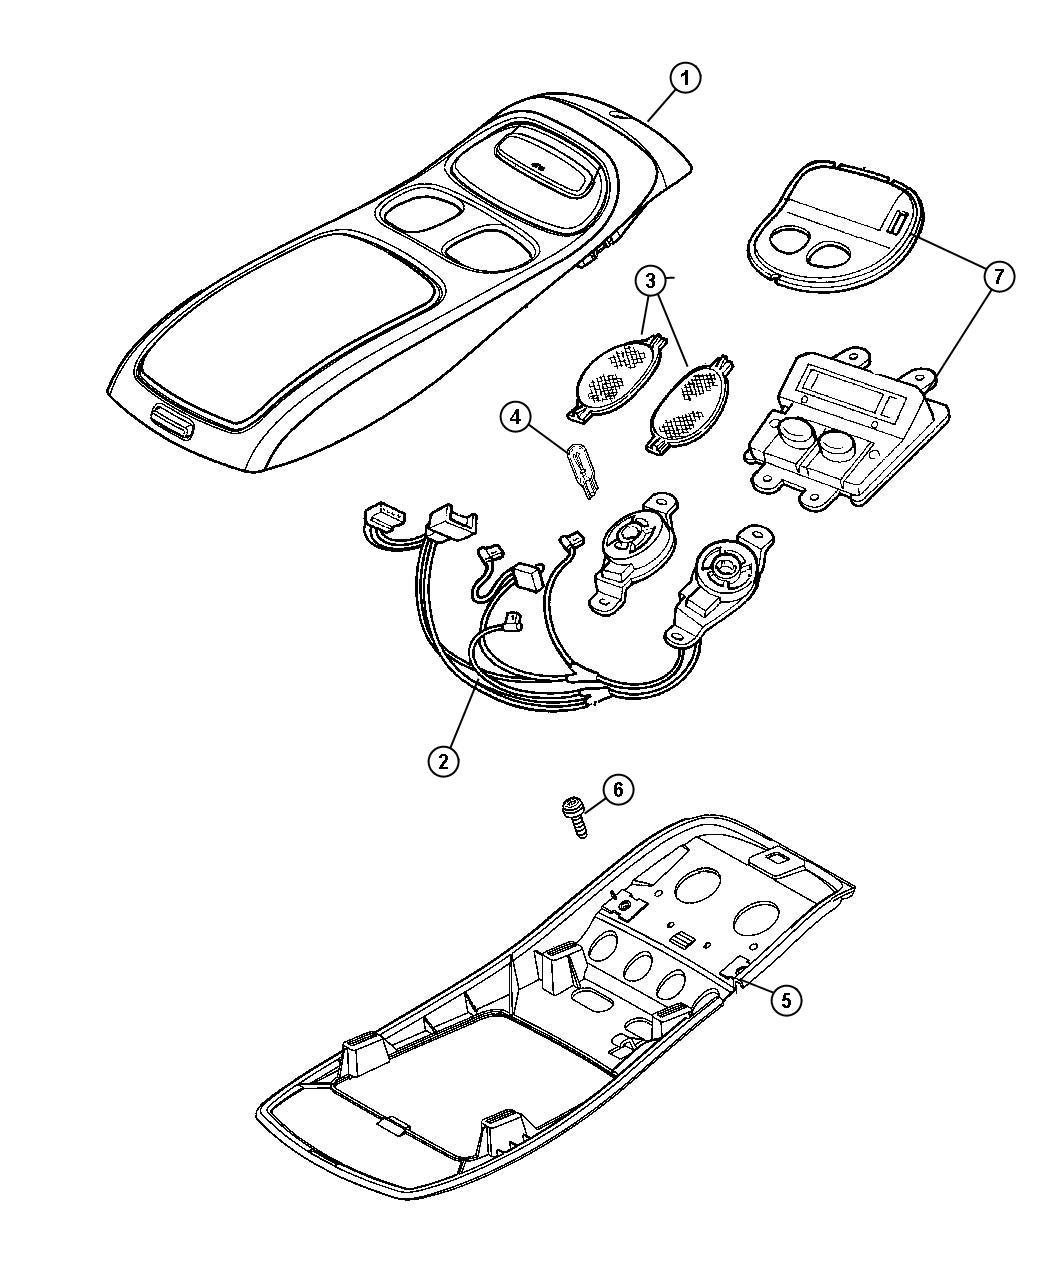 Dodge Dakota Console Overhead Mini Less Electronics